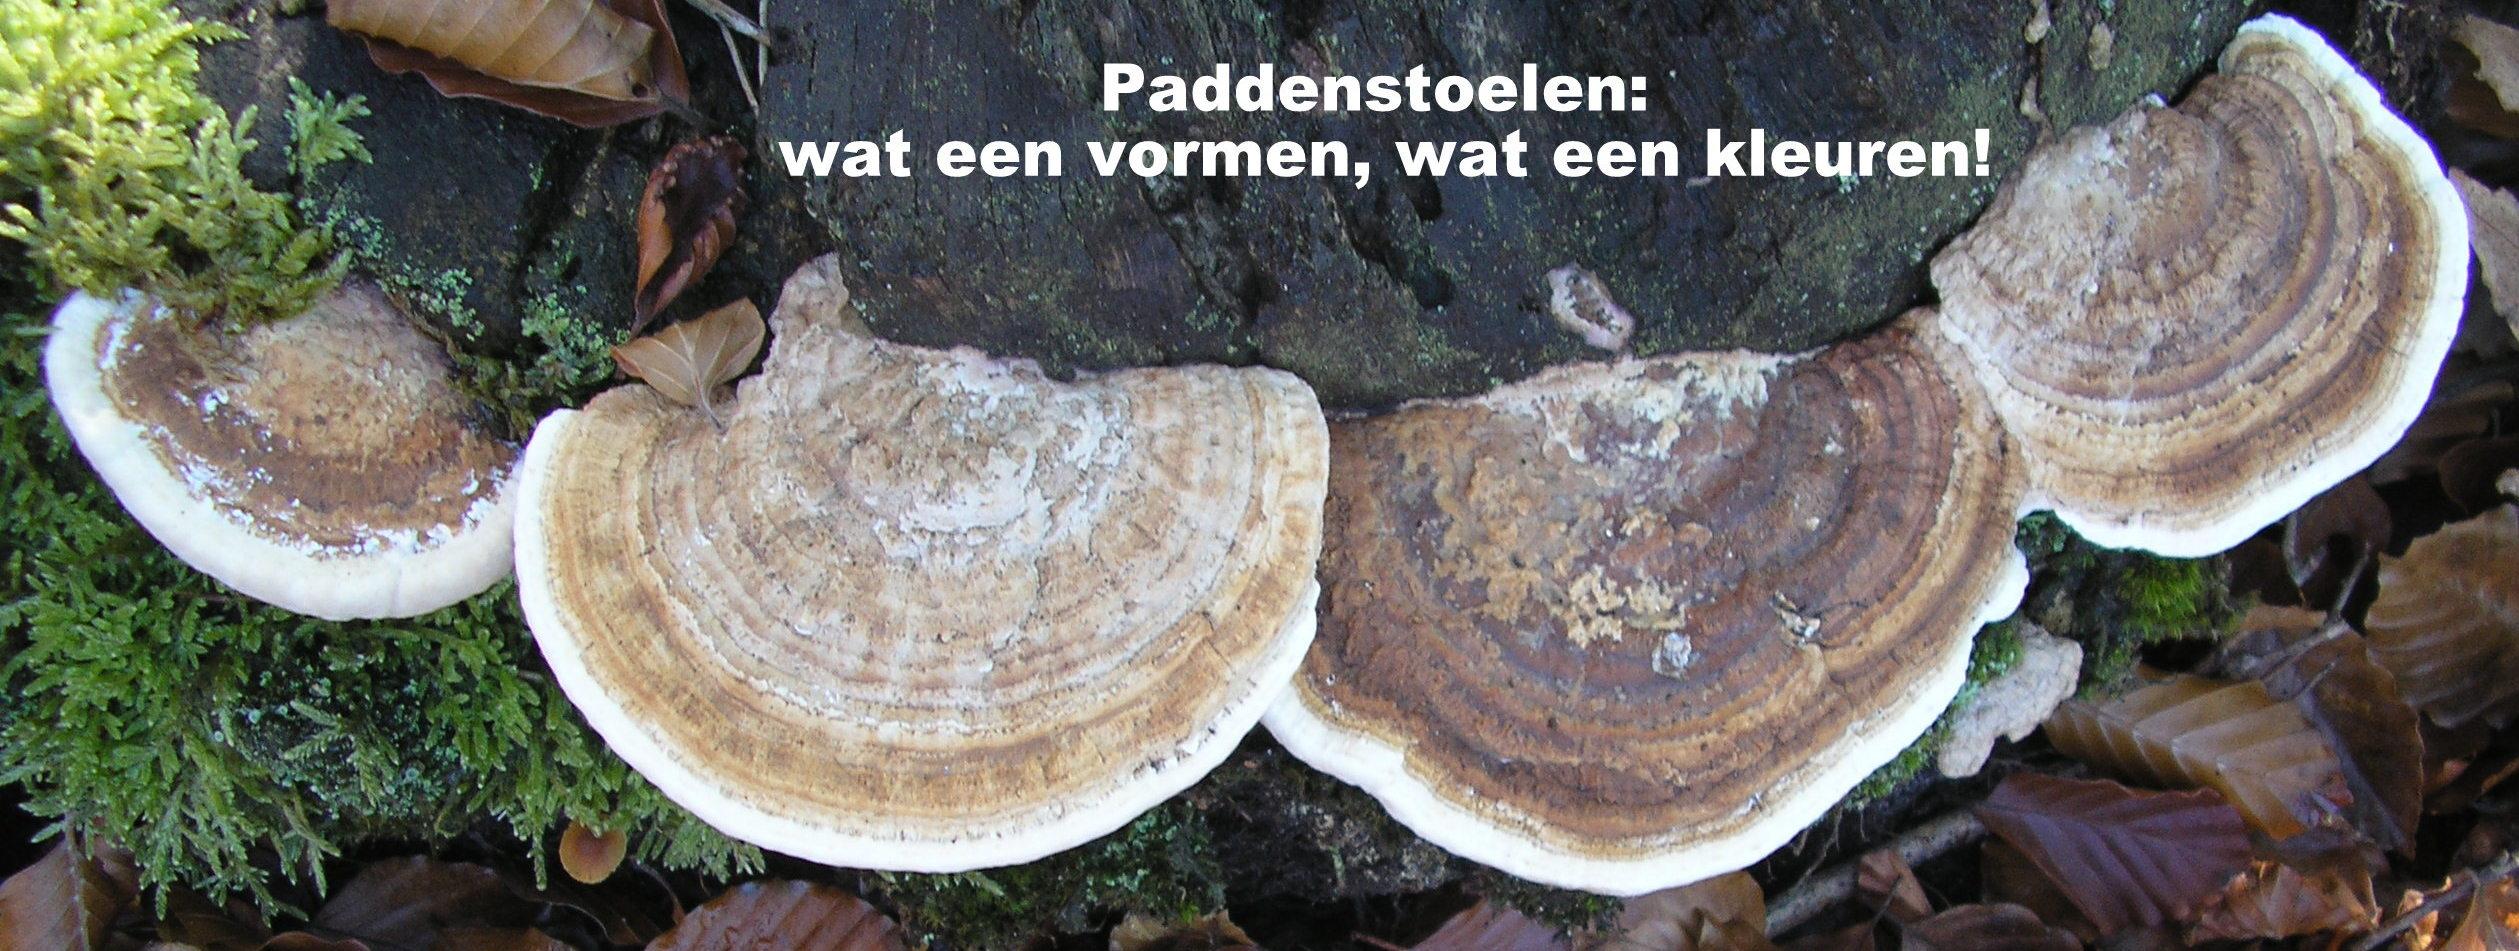 Renske Cramer Creatief: paddenstoelen, wat een vormen, wat een kleuren!